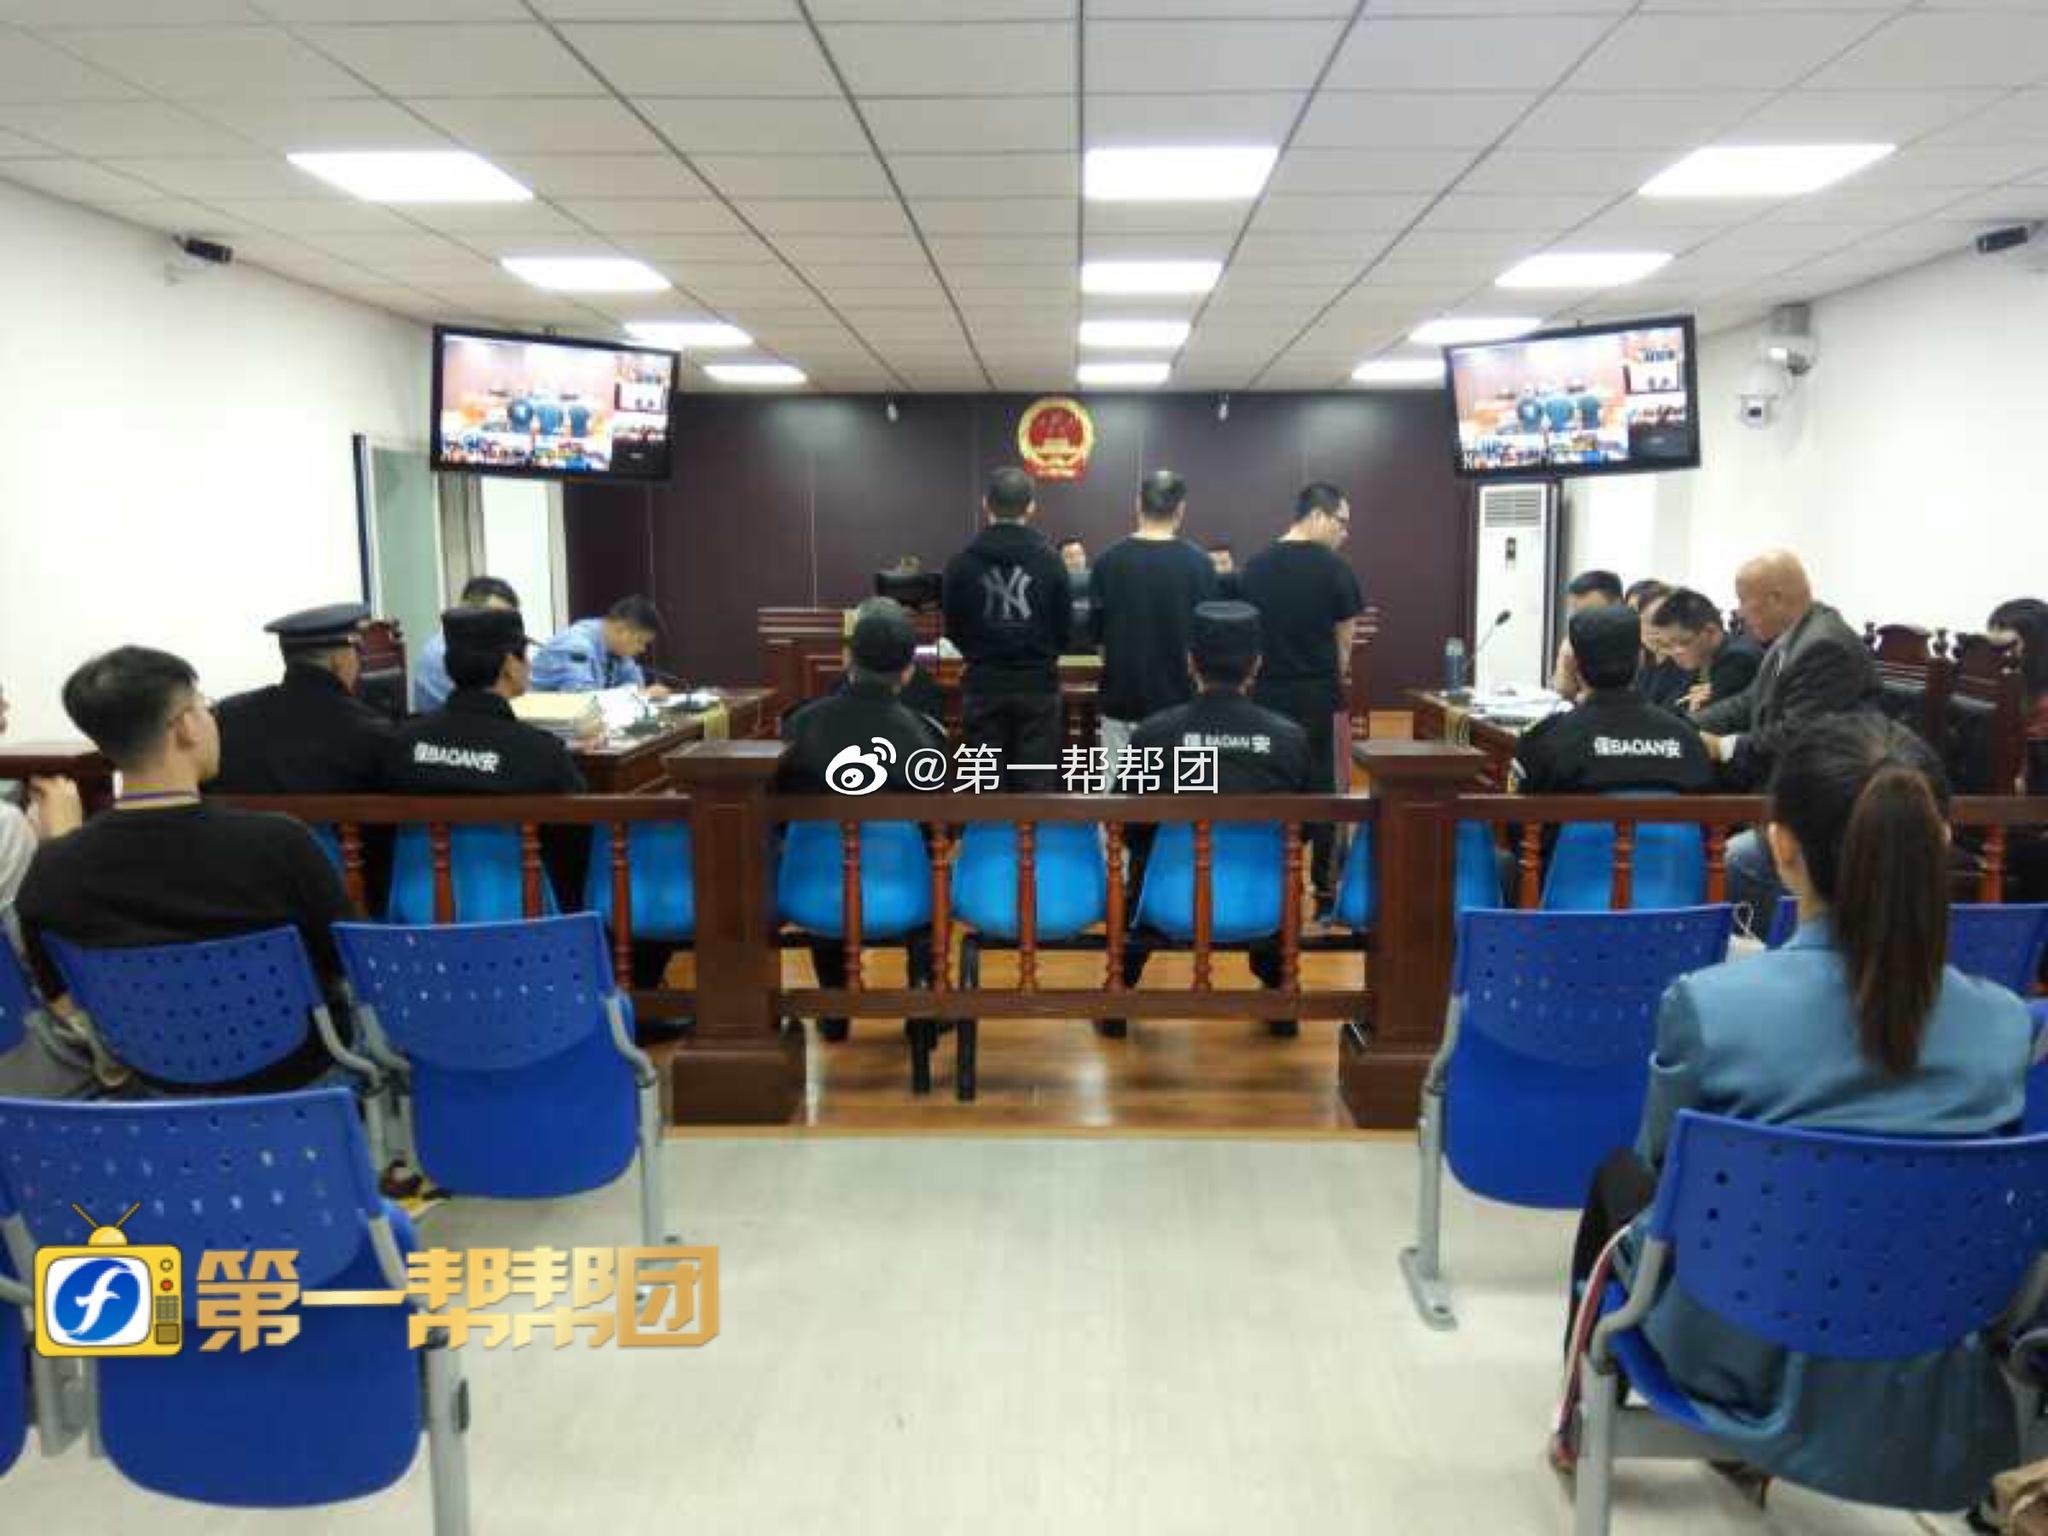 走私销售电子烟 4人被提起公诉